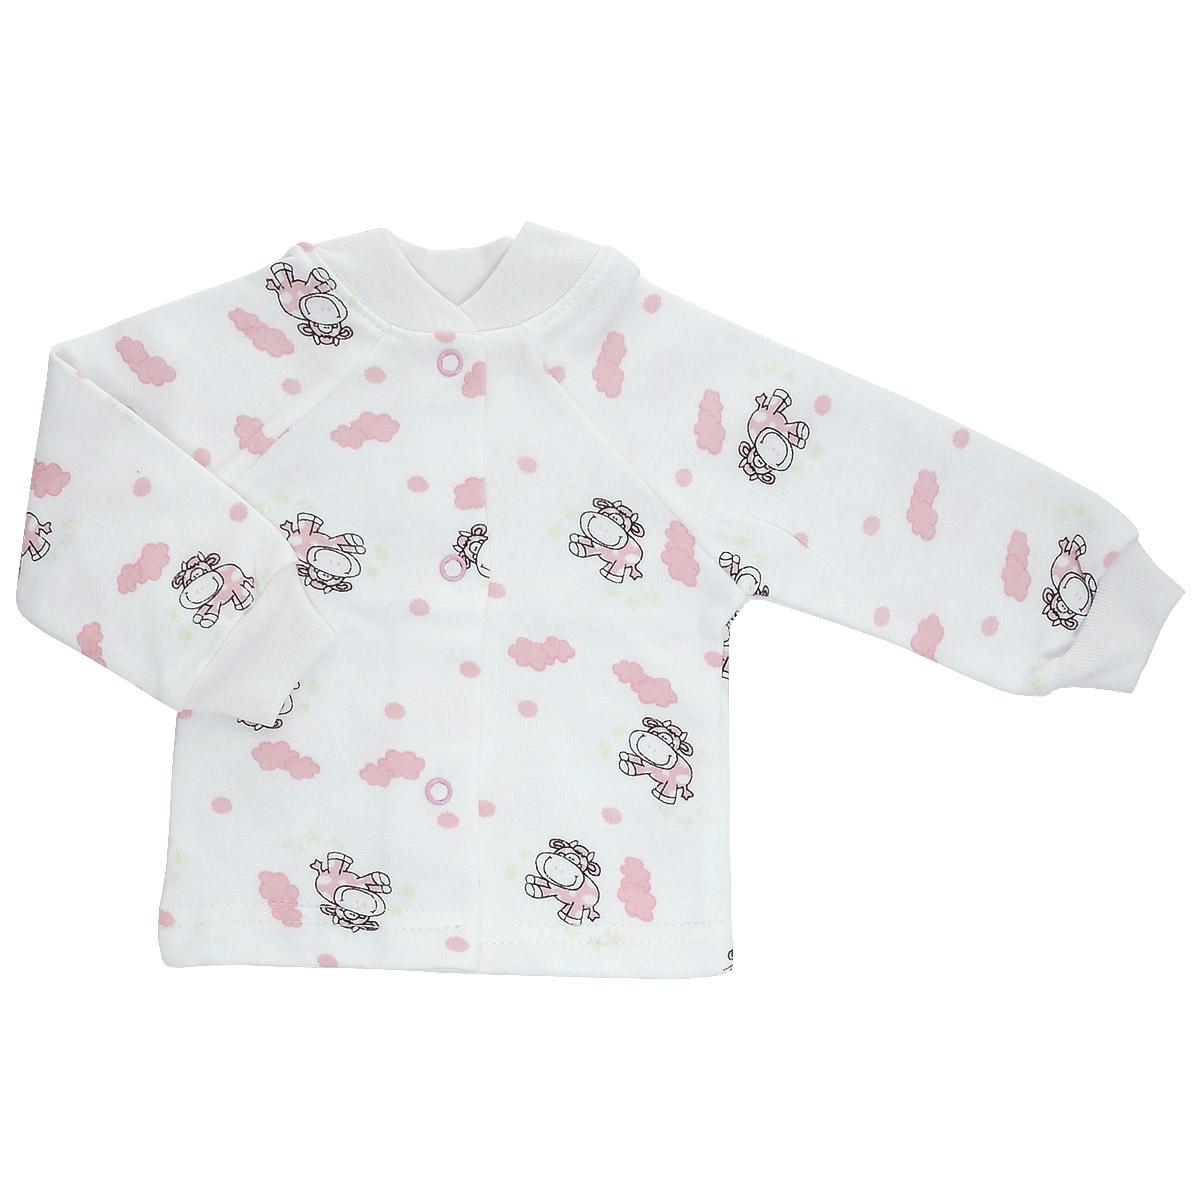 Кофточка детская Трон-Плюс, цвет: белый, розовый, рисунок коровы. 5174. Размер 86, 18 месяцев5174Кофточка для новорожденного Трон-плюс с длинными рукавами и небольшим воротничком-стоечкой послужит идеальным дополнением к гардеробу вашего ребенка, обеспечивая ему наибольший комфорт. Изготовленная из футера - натурального хлопка, она необычайно мягкая и легкая и теплая, не раздражает нежную кожу ребенка и хорошо вентилируется, а эластичные швы приятны телу малыша и не препятствуют его движениям. Удобные застежки-кнопки по всей длине помогают легко переодеть младенца. Рукава-реглан понизу дополнены трикотажными манжетами, не пережимающими ручку. Воротничок дополнен эластичной трикотажной резинкой. Кофточка полностью соответствует особенностям жизни ребенка в ранний период, не стесняя и не ограничивая его в движениях.